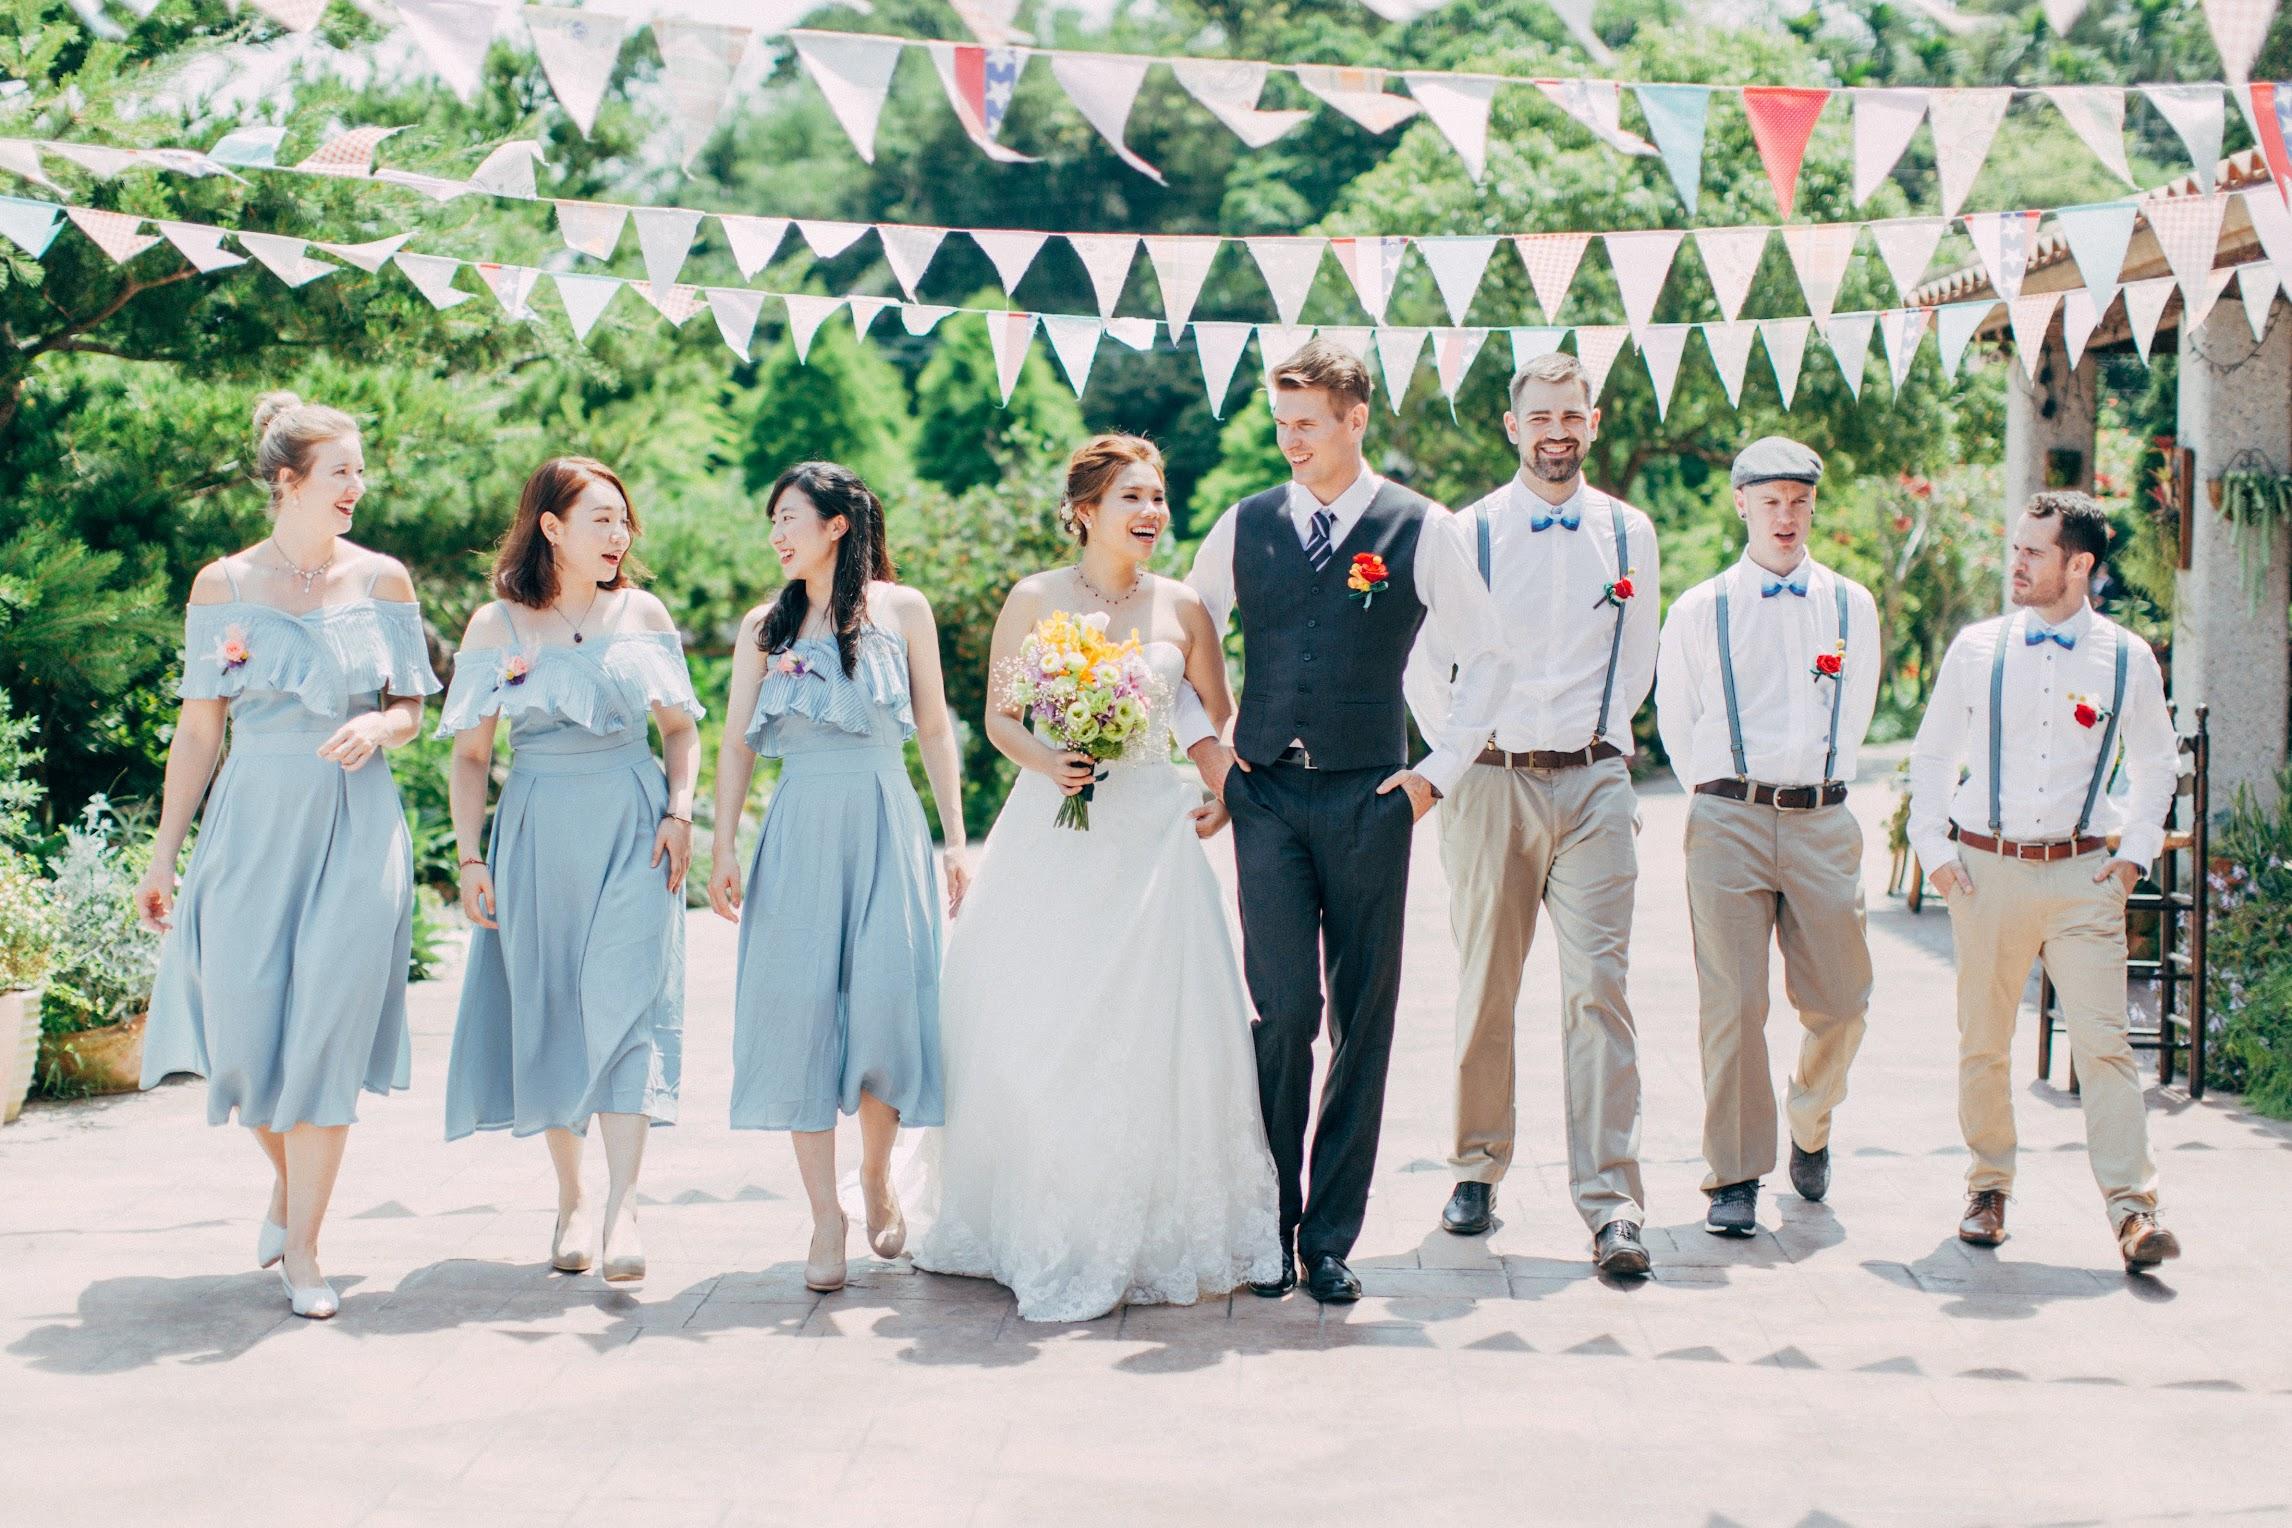 黛安莊園 Diane`s Garden 的小型婚禮派對